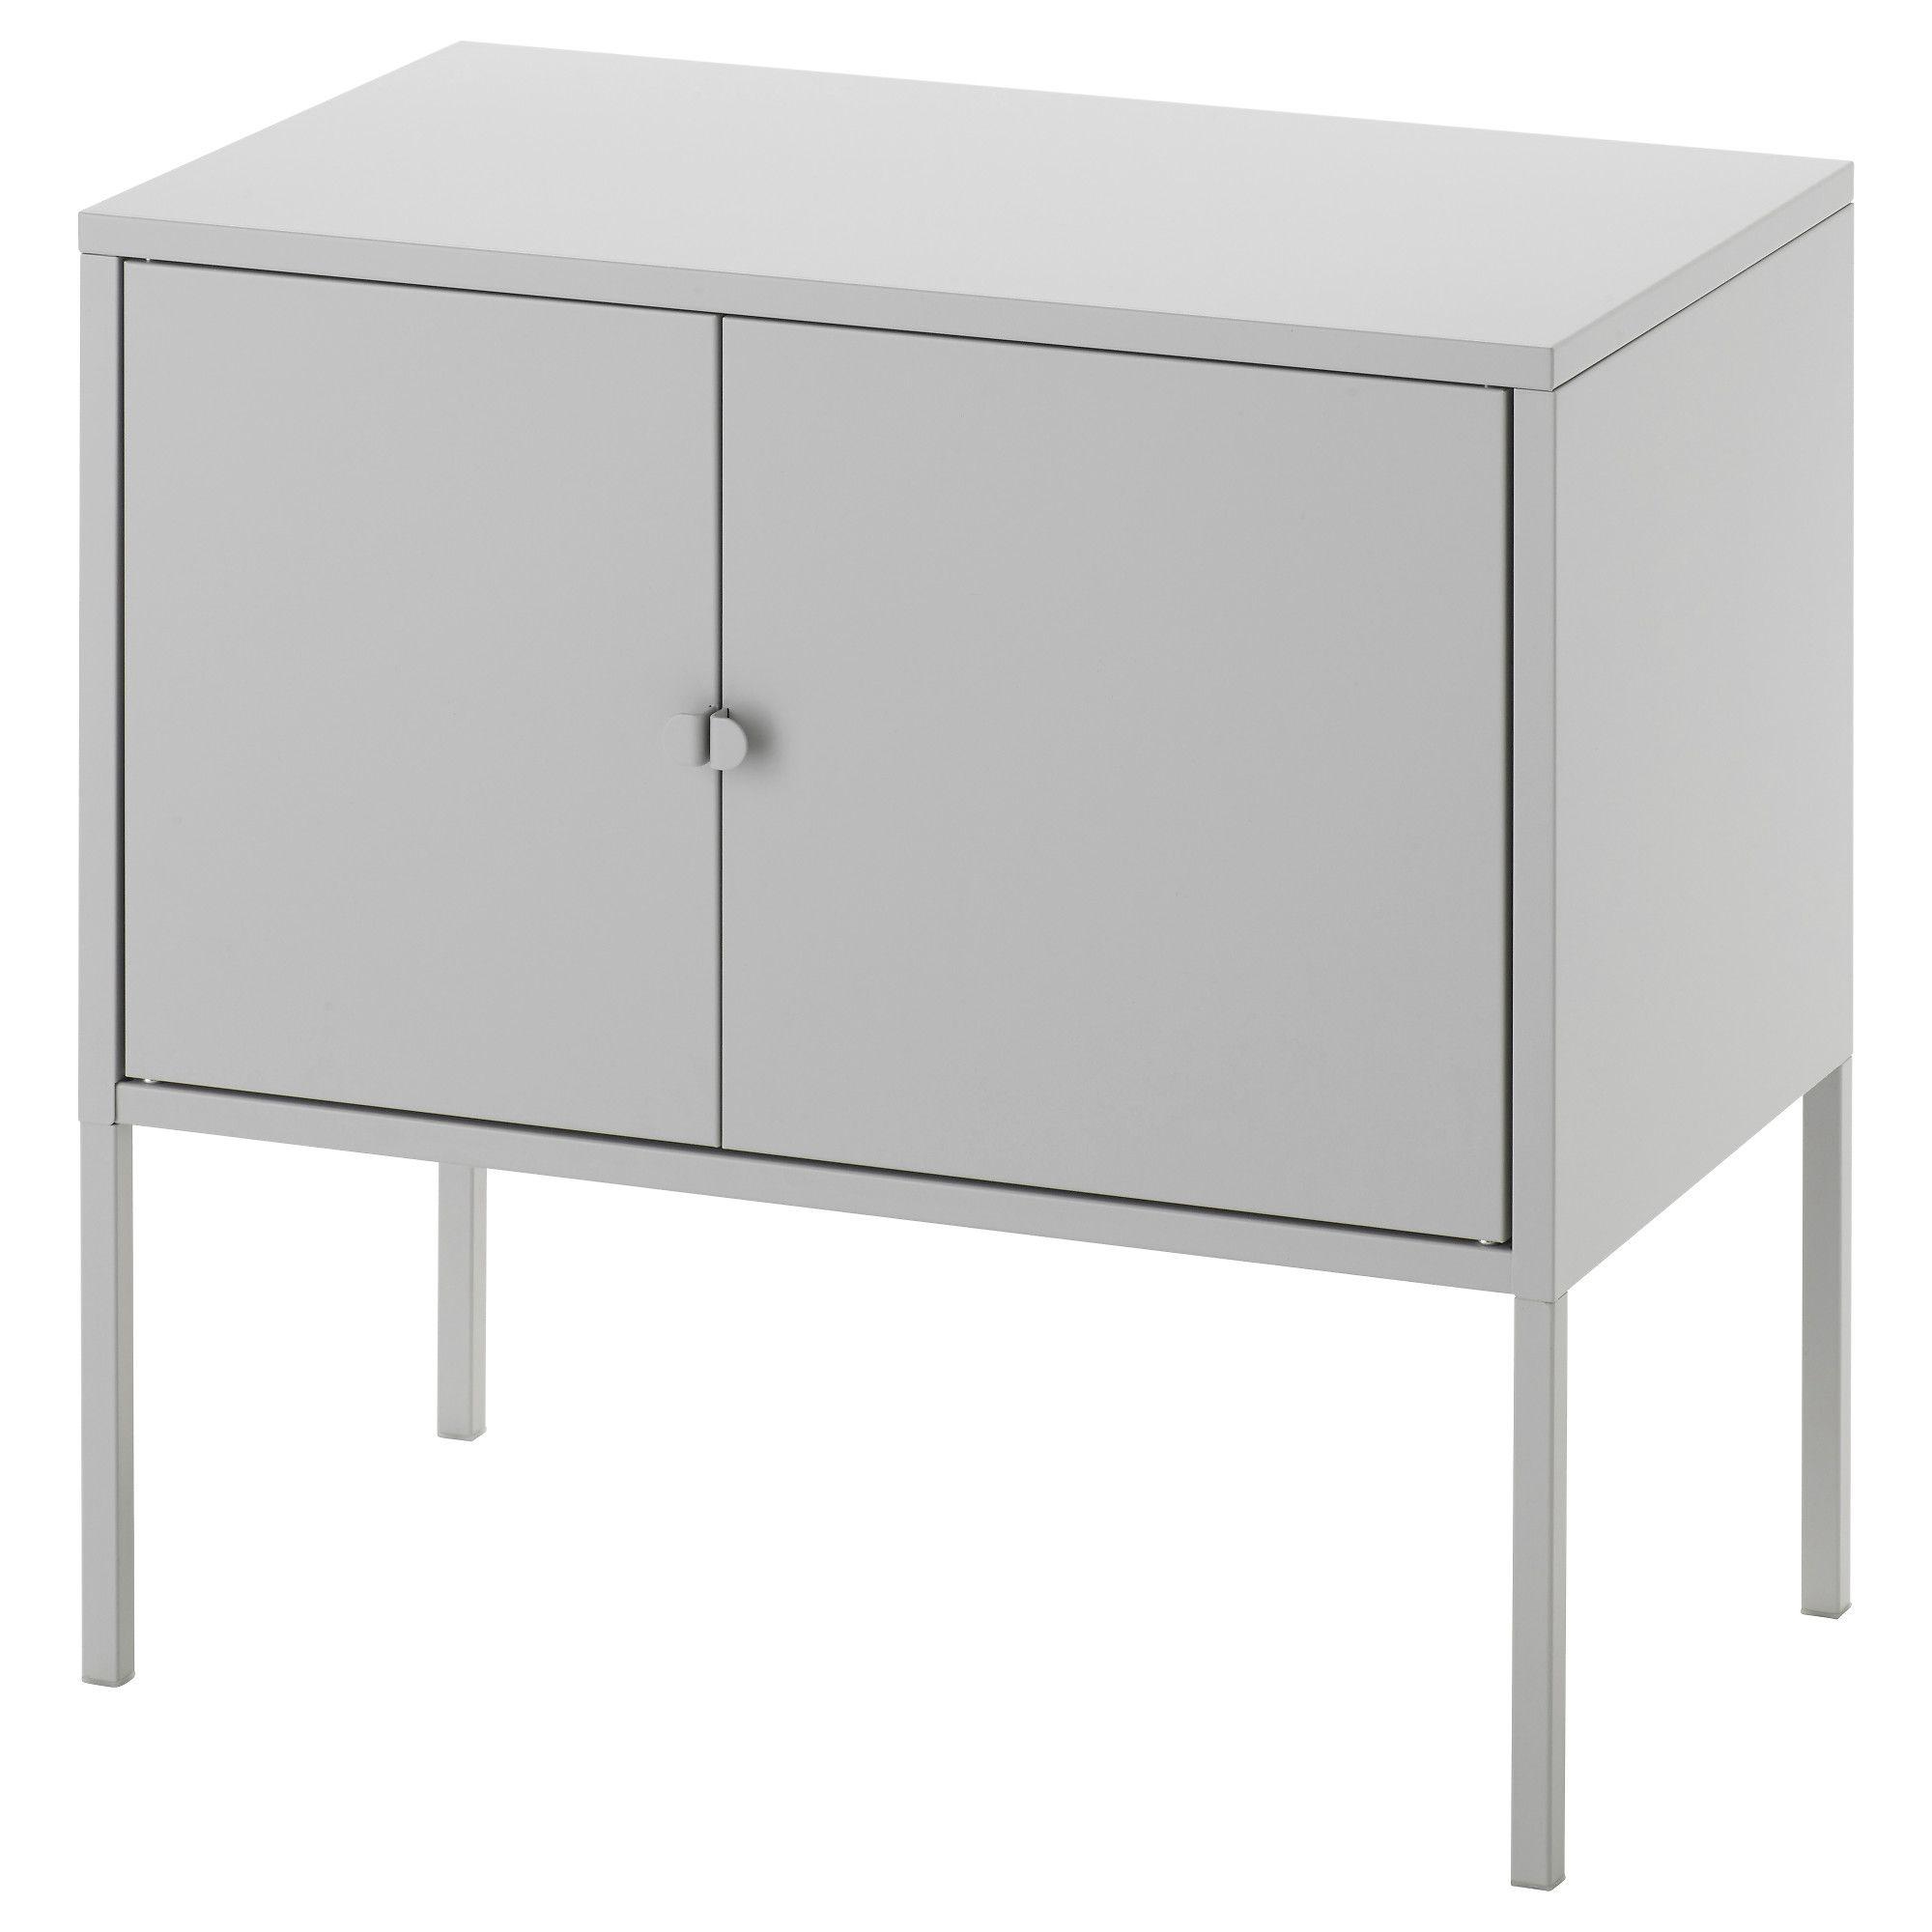 Lixhult Schrank Metall Grau Ikea Osterreich Graue Schranke